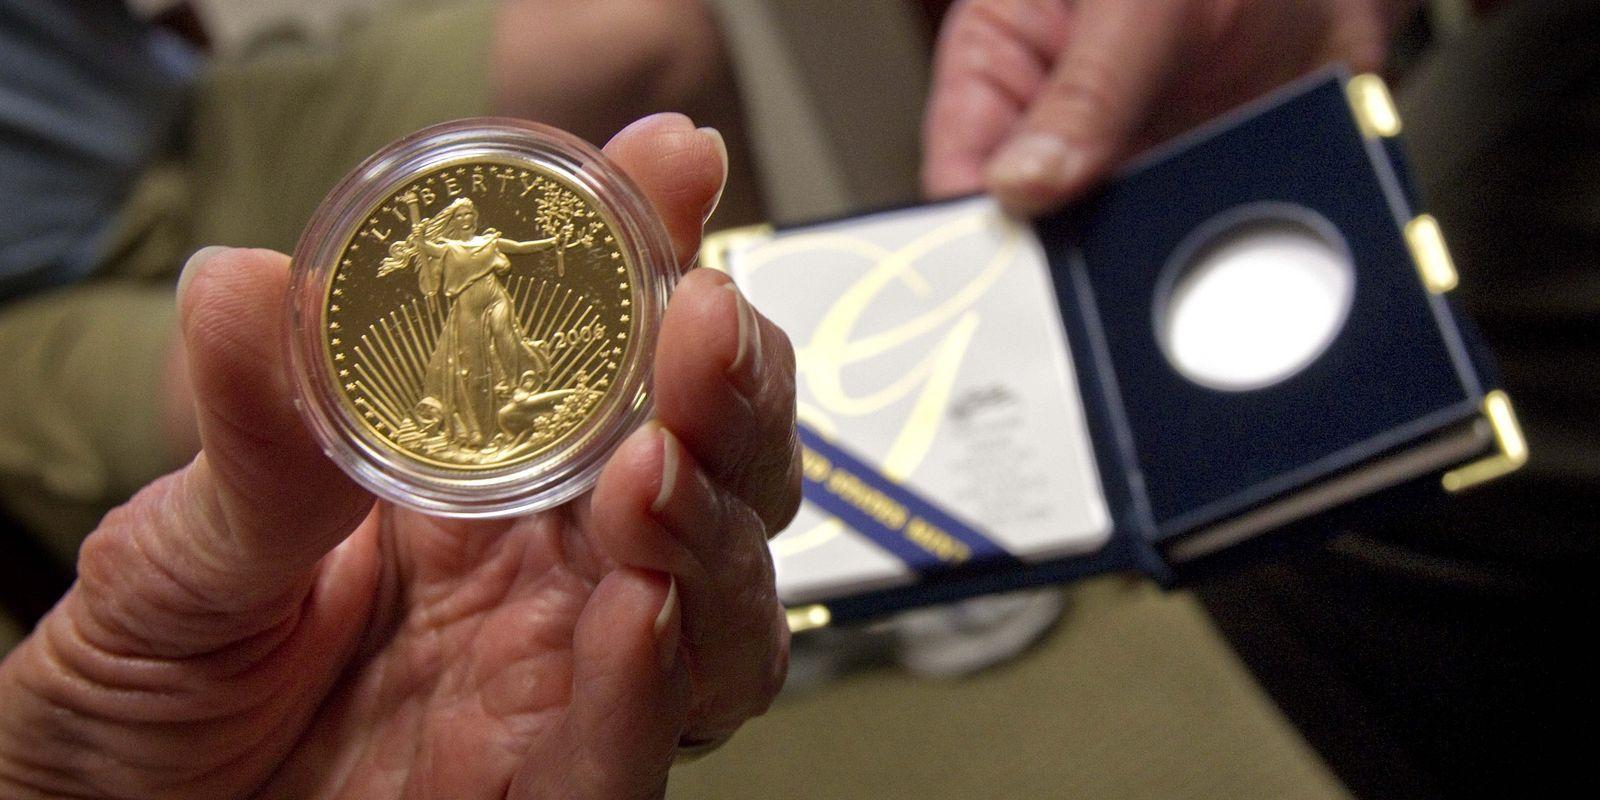 Vàng: một loại tiền tệ khác